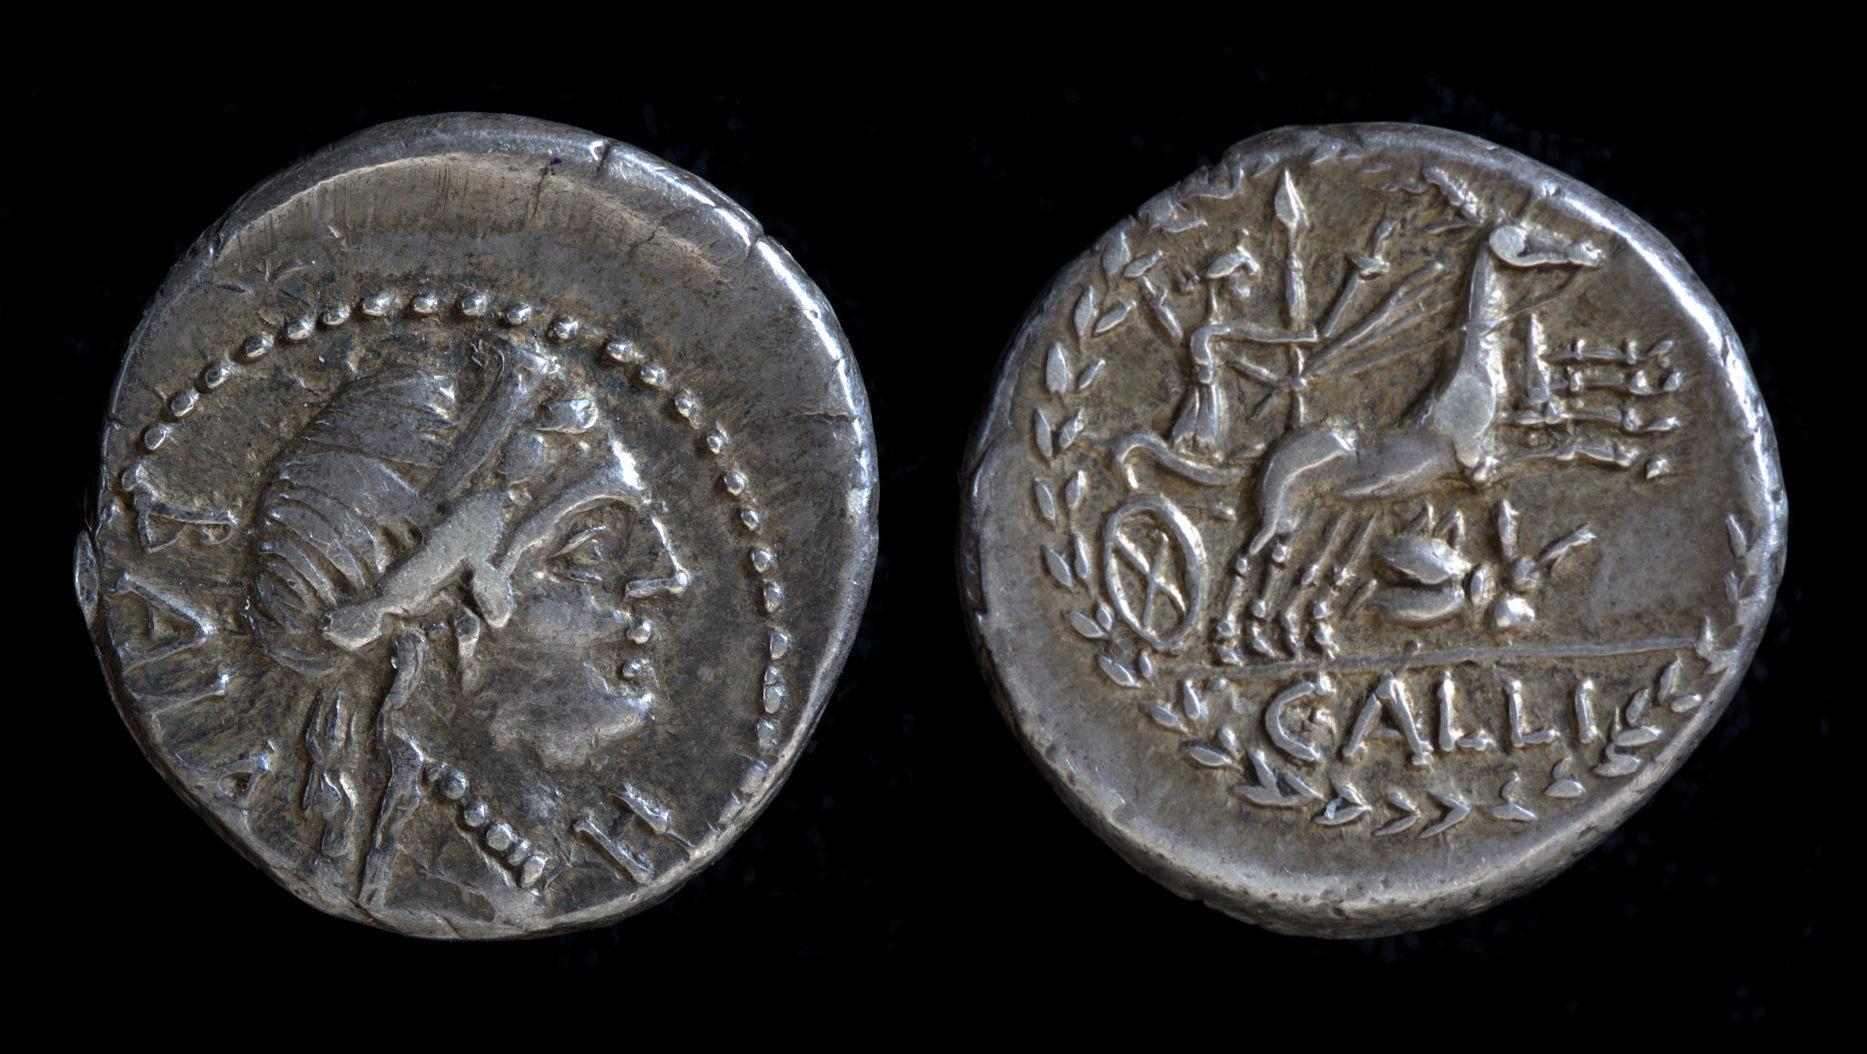 C. Allius Bala, 92 BC, C. 336/1b